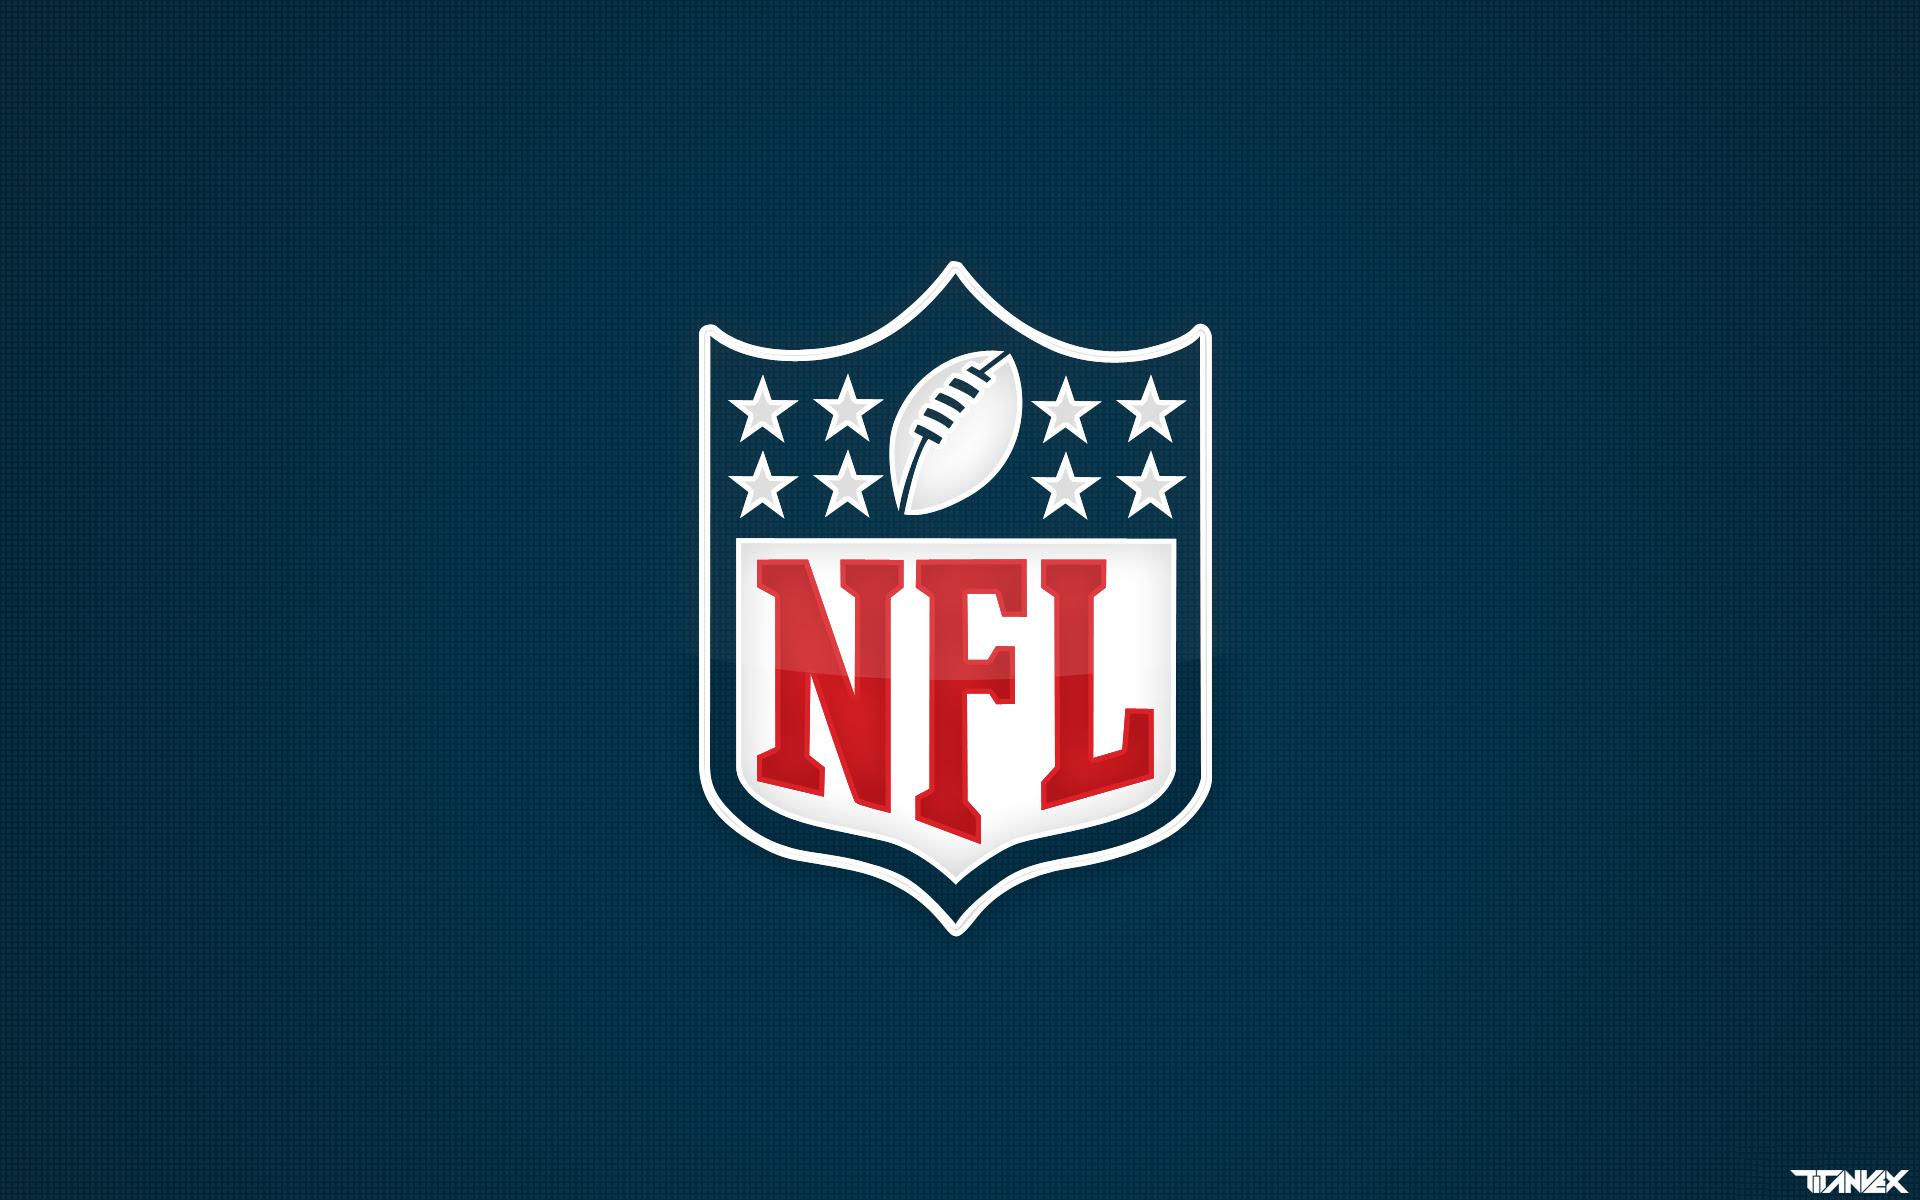 NFL Draft Wallpaper  WallpaperSafari